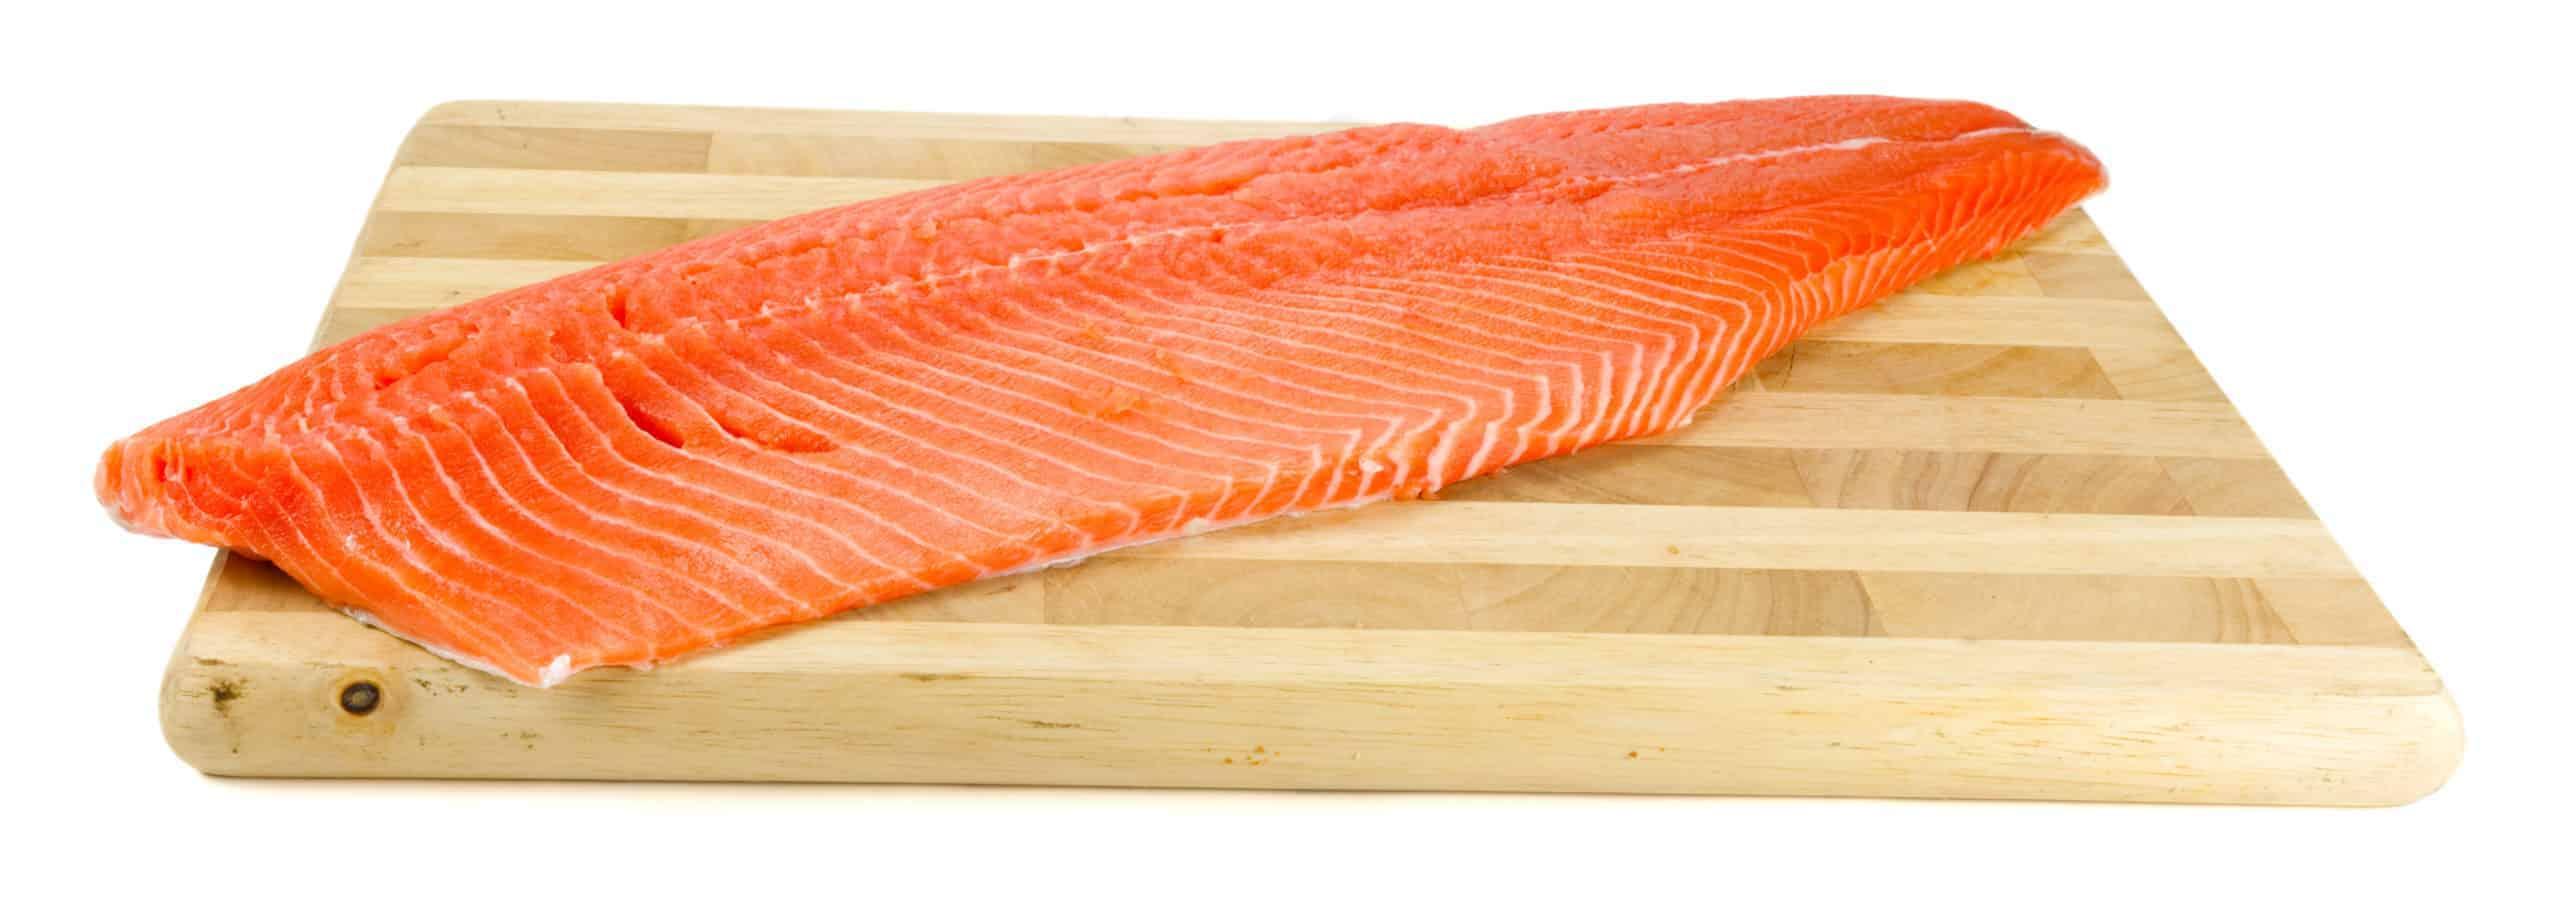 Lachsseiten (Filet) geräuchert